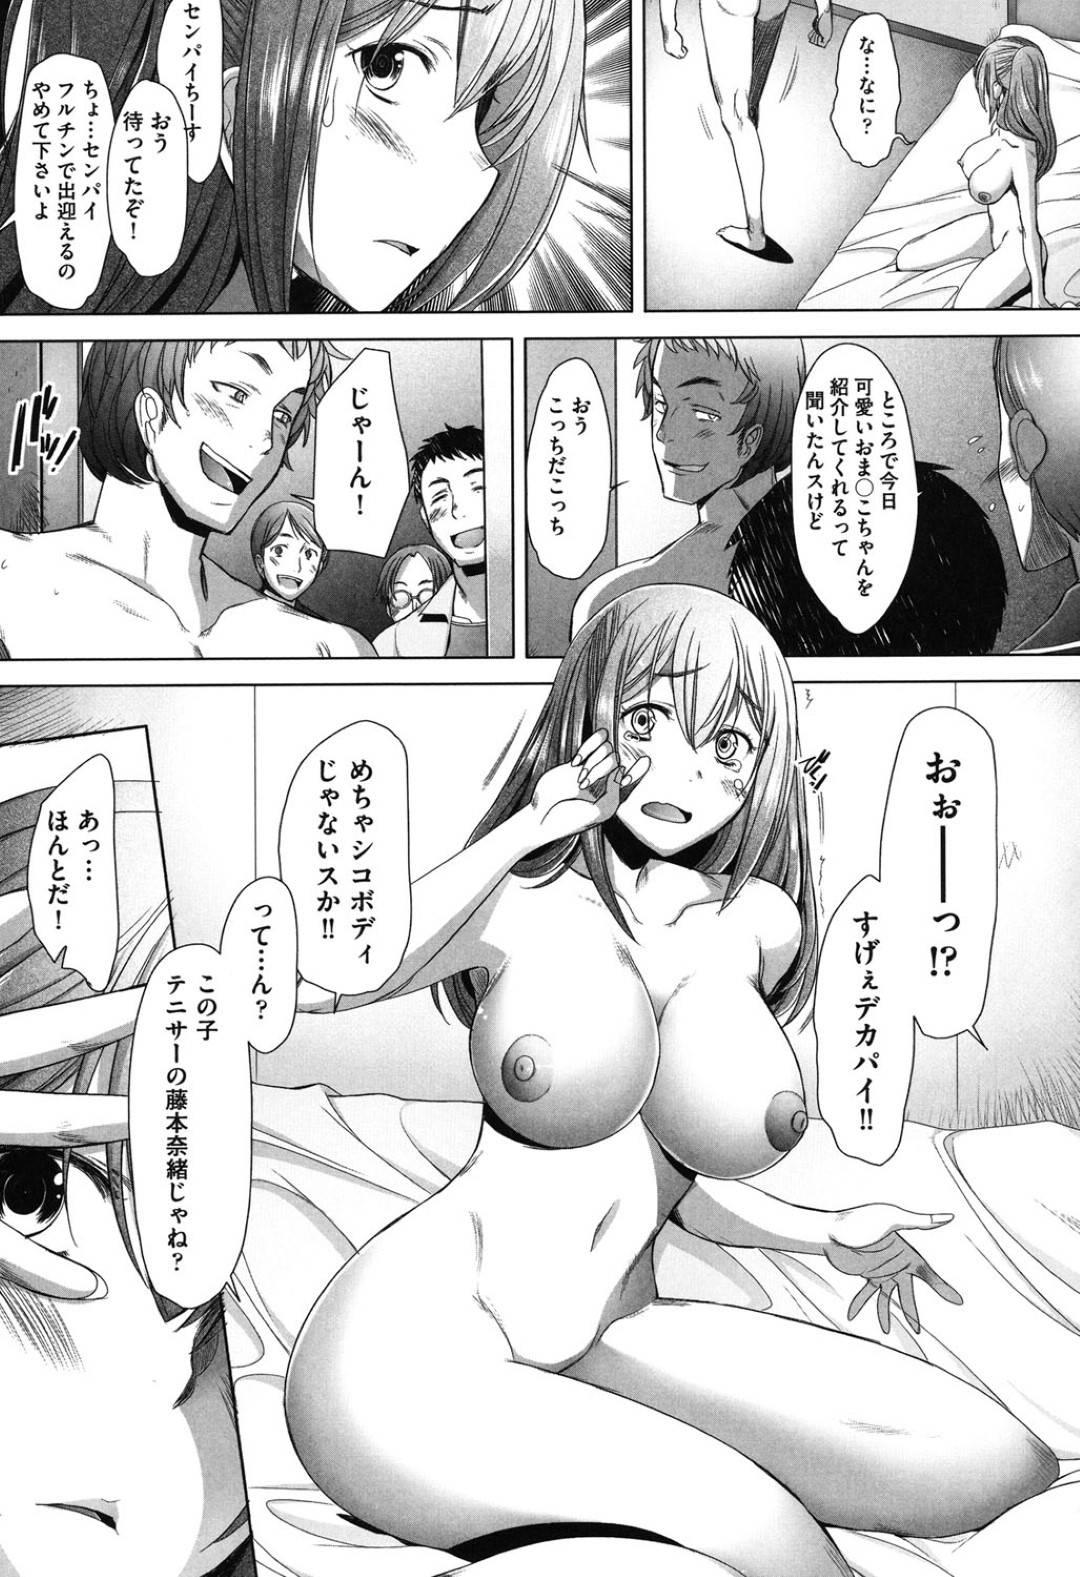 【エロ漫画】男にレイプされて以来、毎日のように犯されるようになった巨乳JD。セックスするだけで飽き足らなくなった彼は友人を呼んで彼女を輪姦させる。